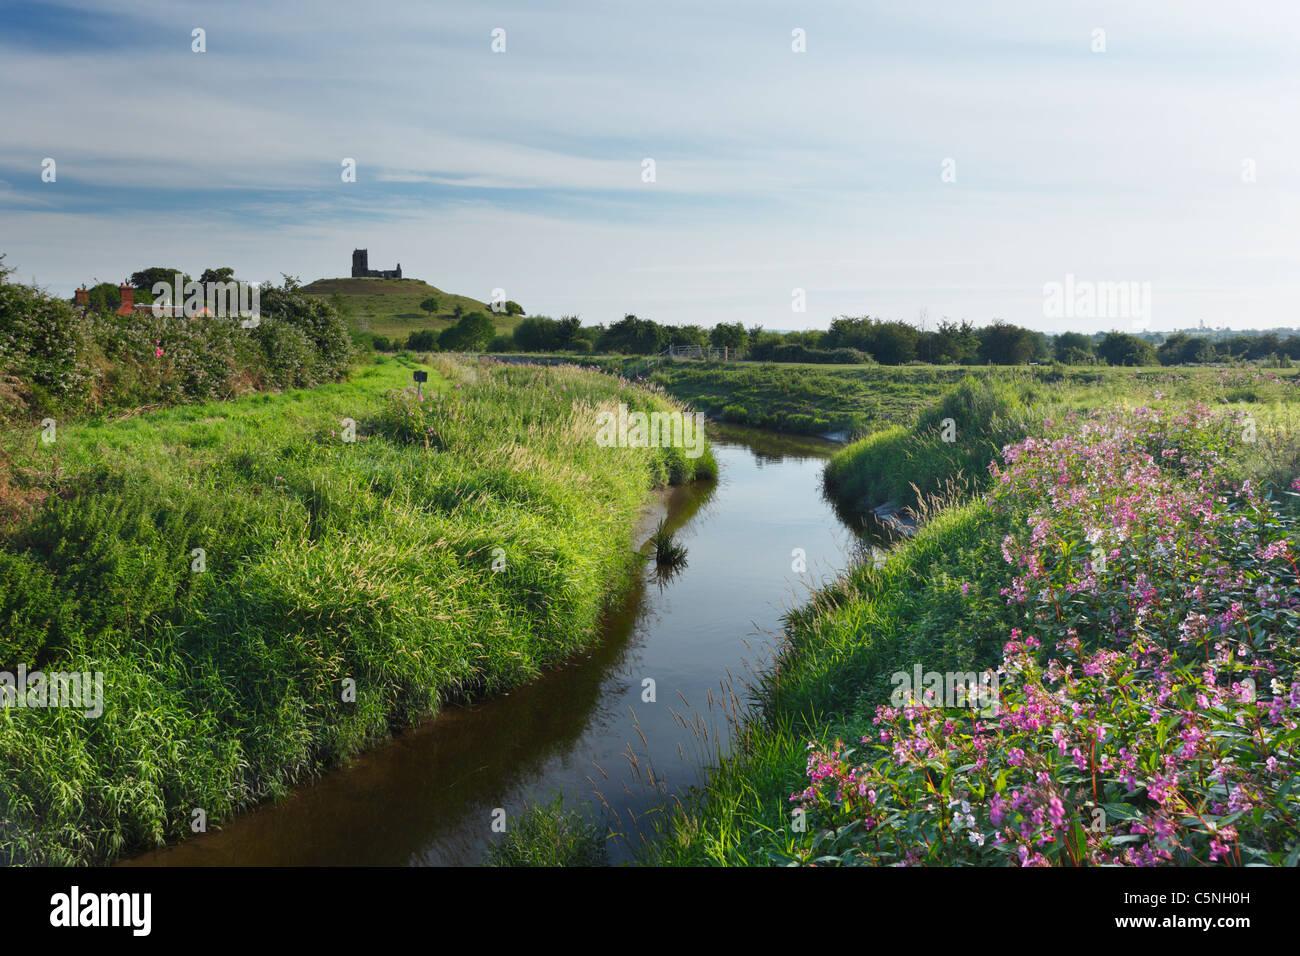 Ton fleuve rejoindre la rivière Parrett avec Burrow Mump dans la distance. Le Somerset. L'Angleterre. UK. Photo Stock